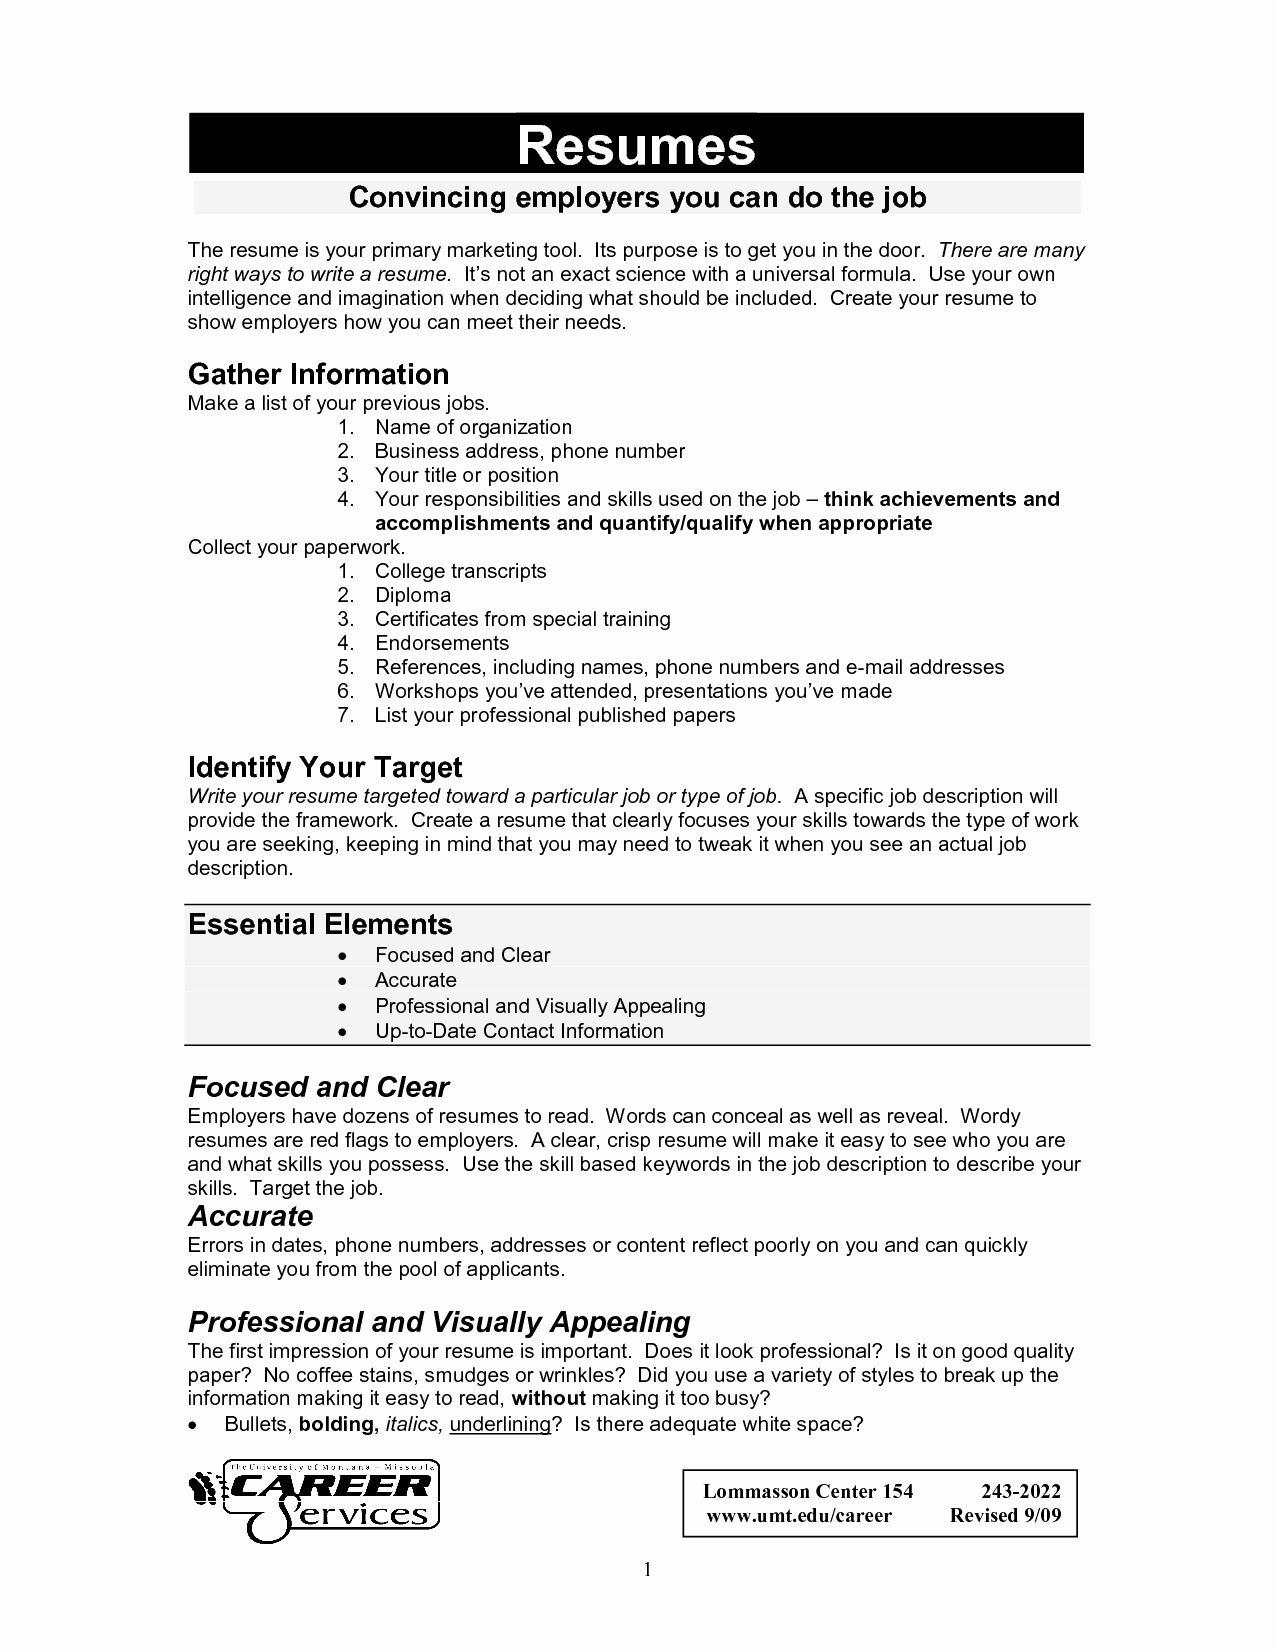 quality job description examples